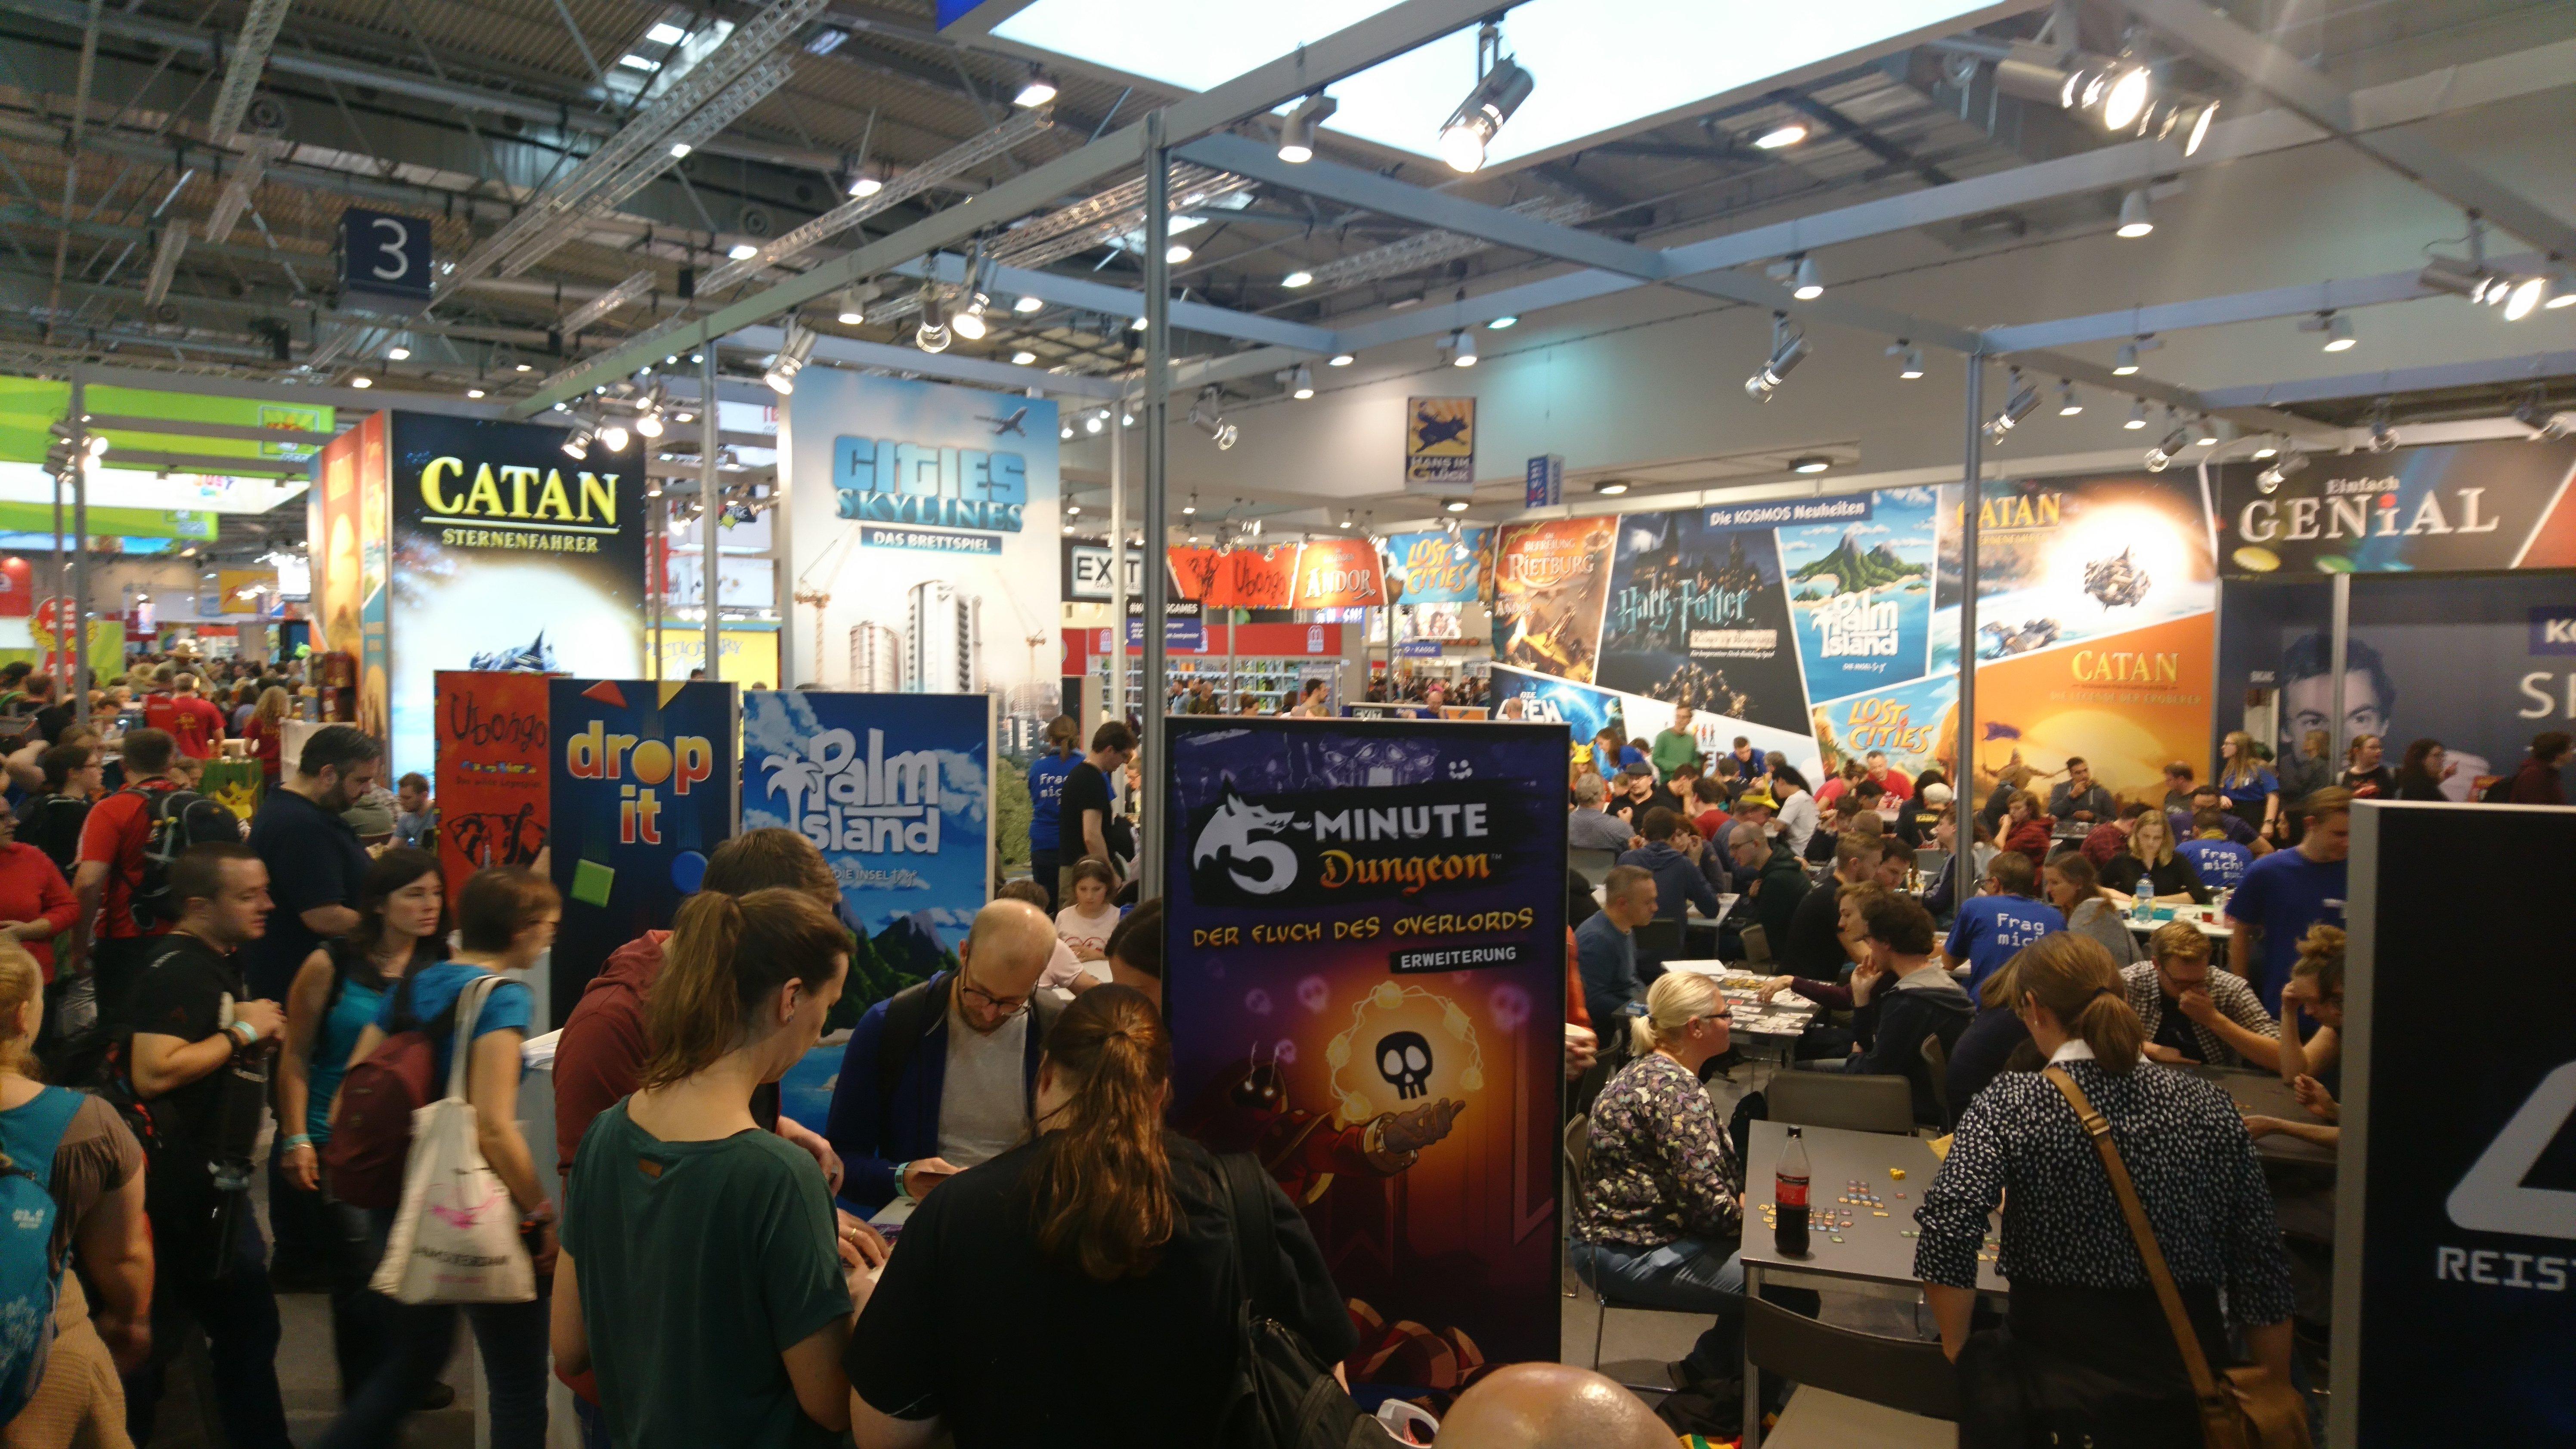 Hat eine digitale Brettspiel-Messe einen Platz in der Zukunft?